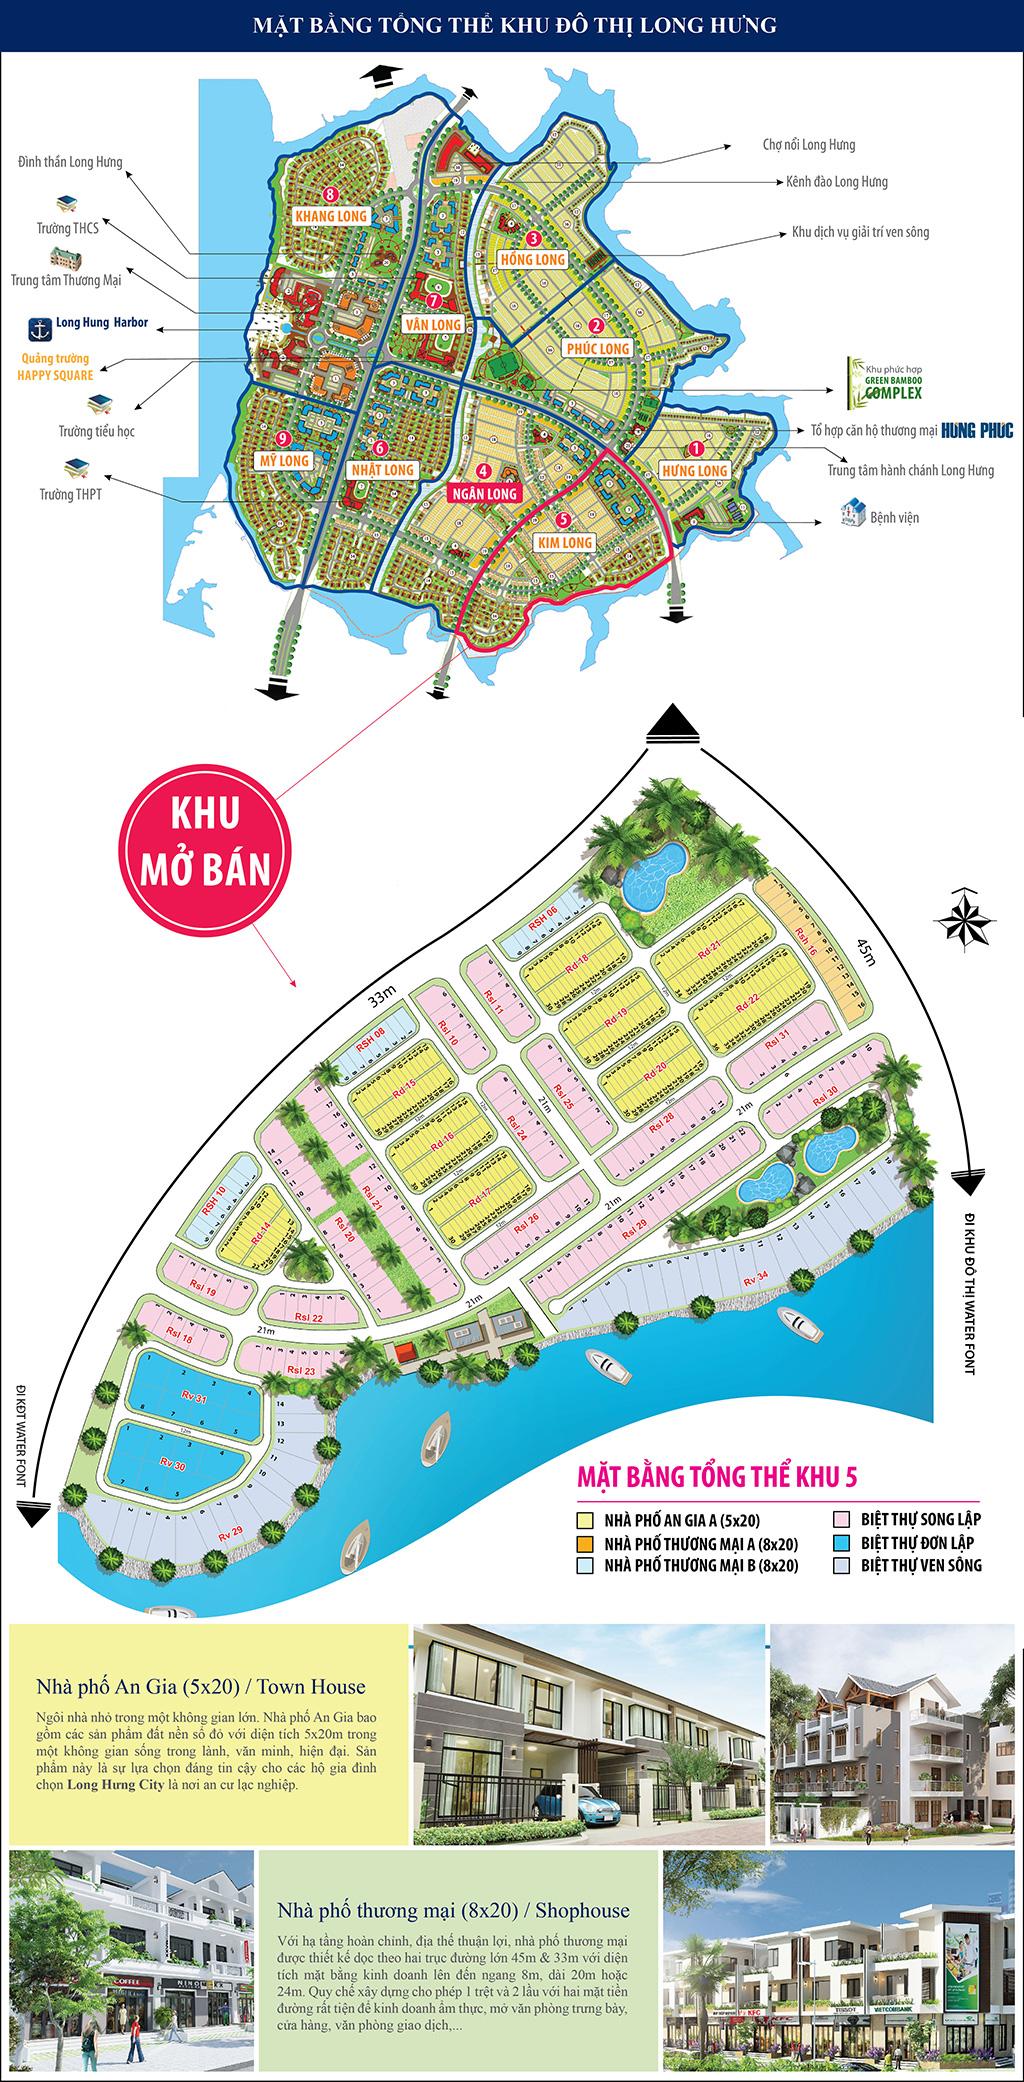 khu-5-minh-long-long-hung-city